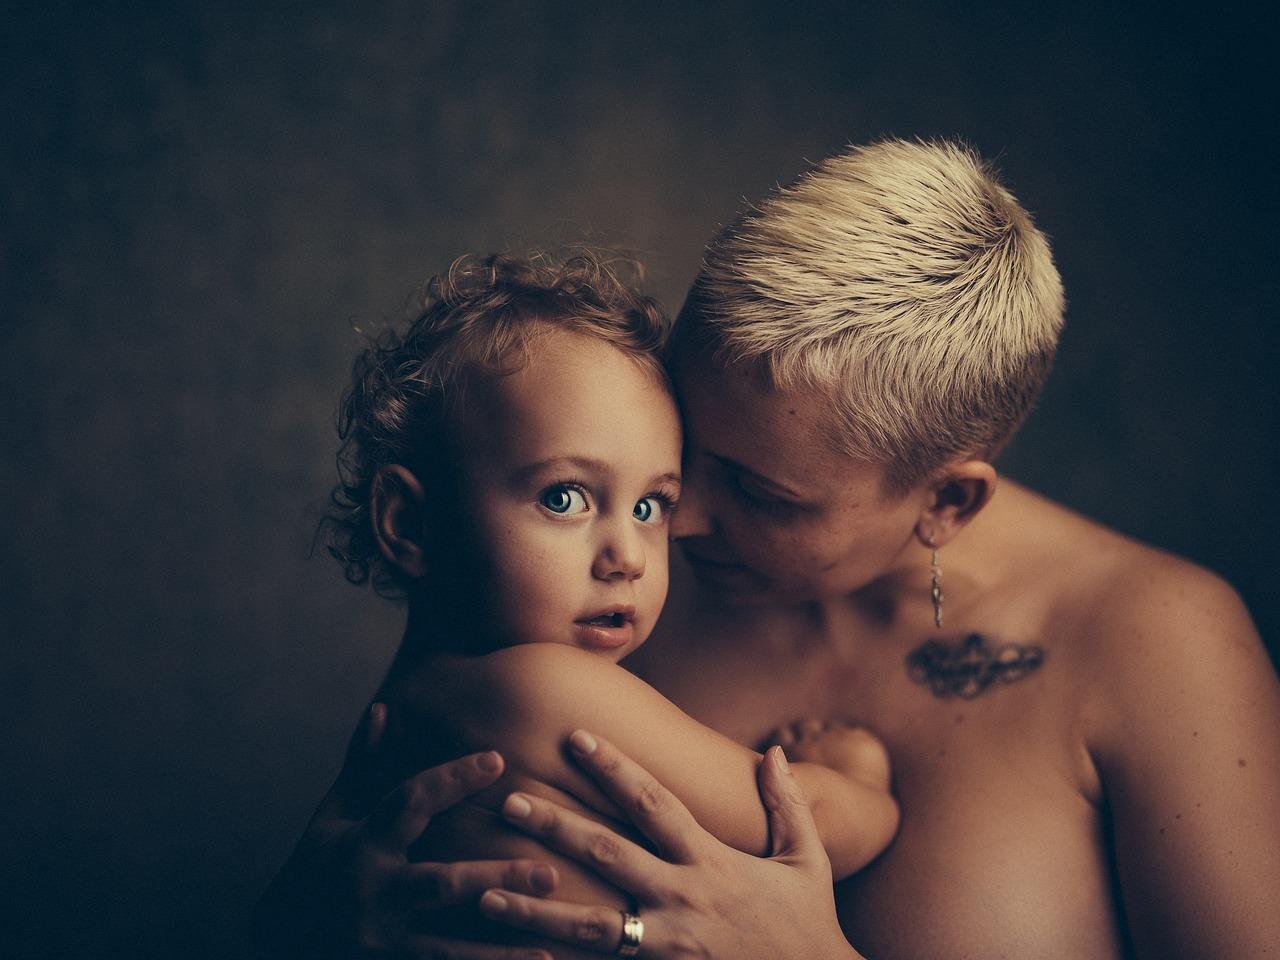 गर्भ में पल रहे बच्चे की धड़कन